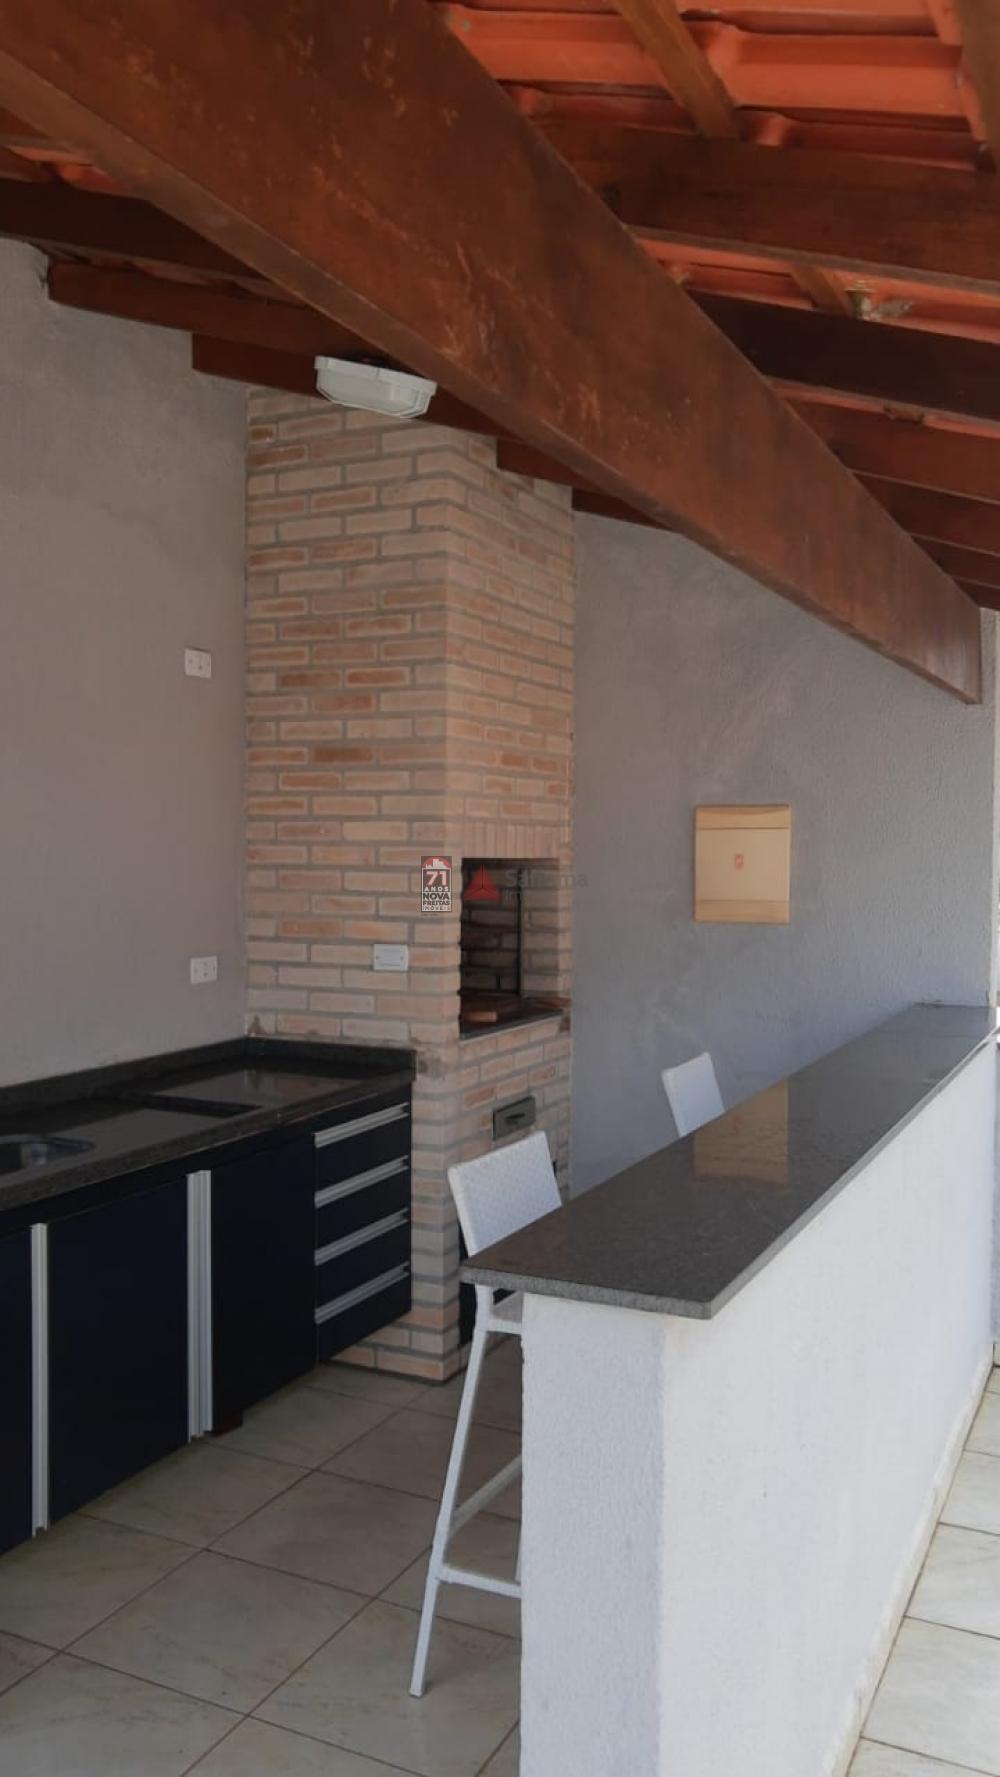 Comprar Apartamento / Padrão em Caraguatatuba apenas R$ 950.000,00 - Foto 28